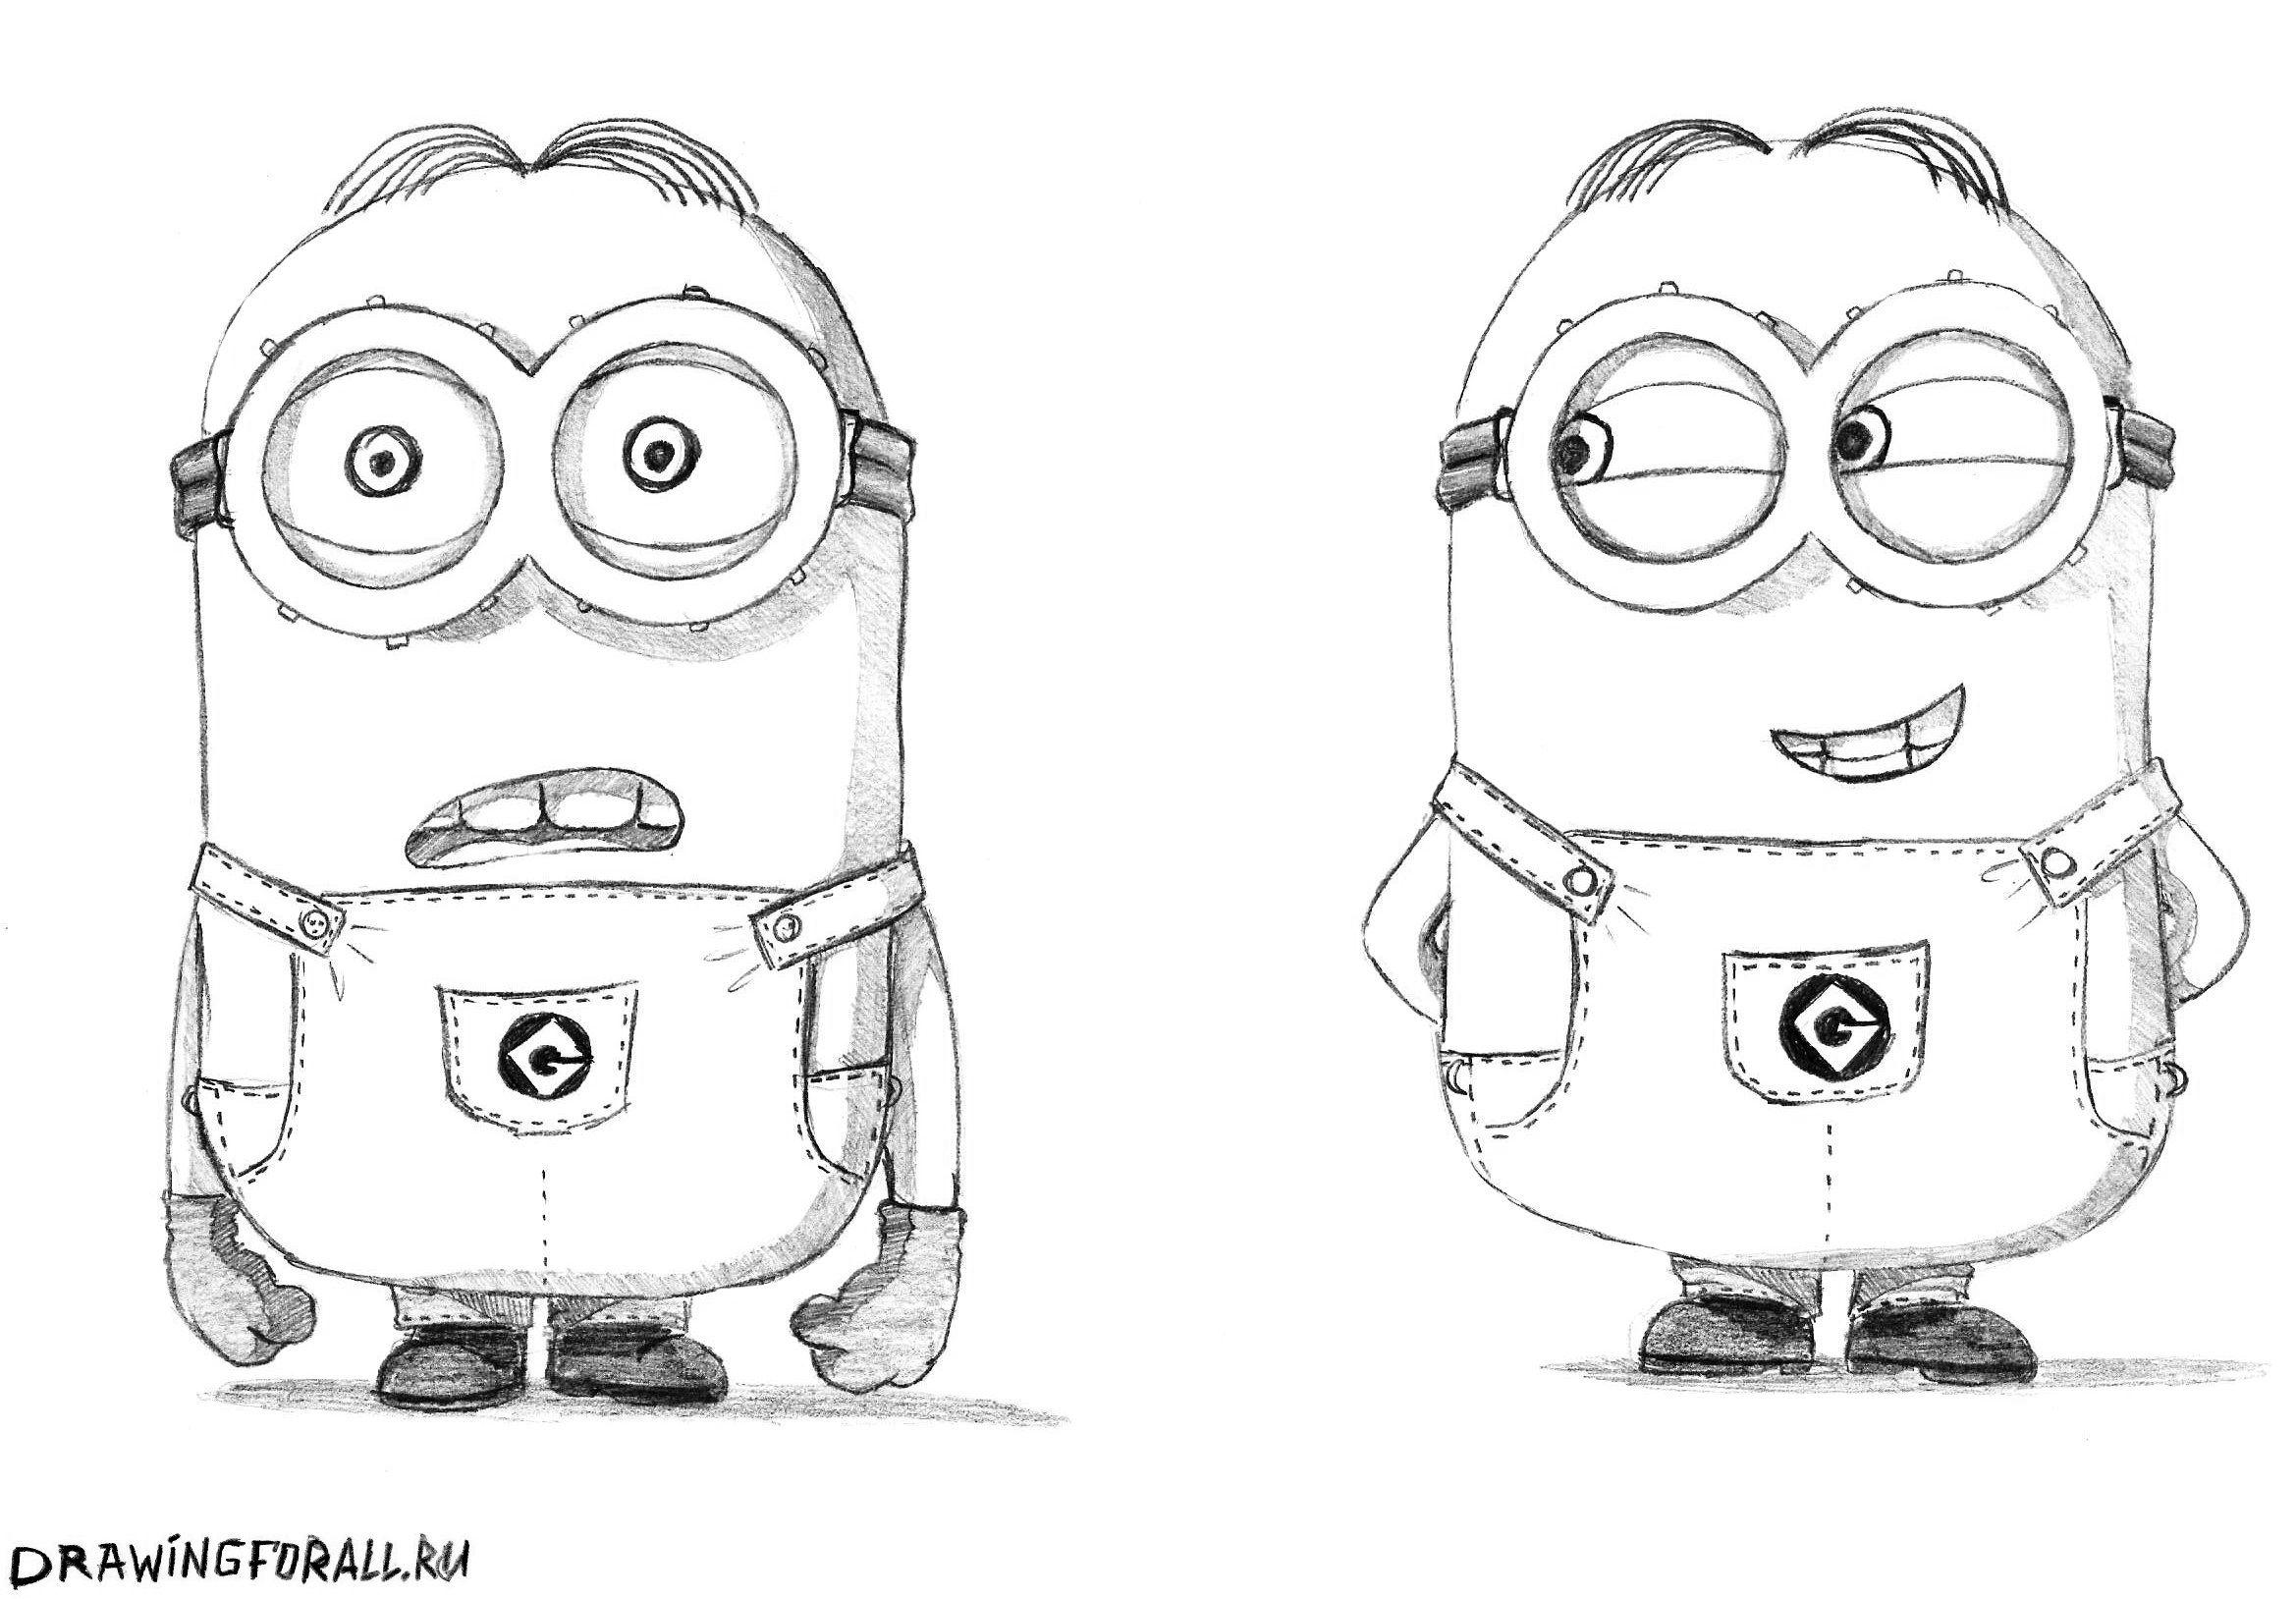 Прикольные рисунки простым карандашом для начинающих